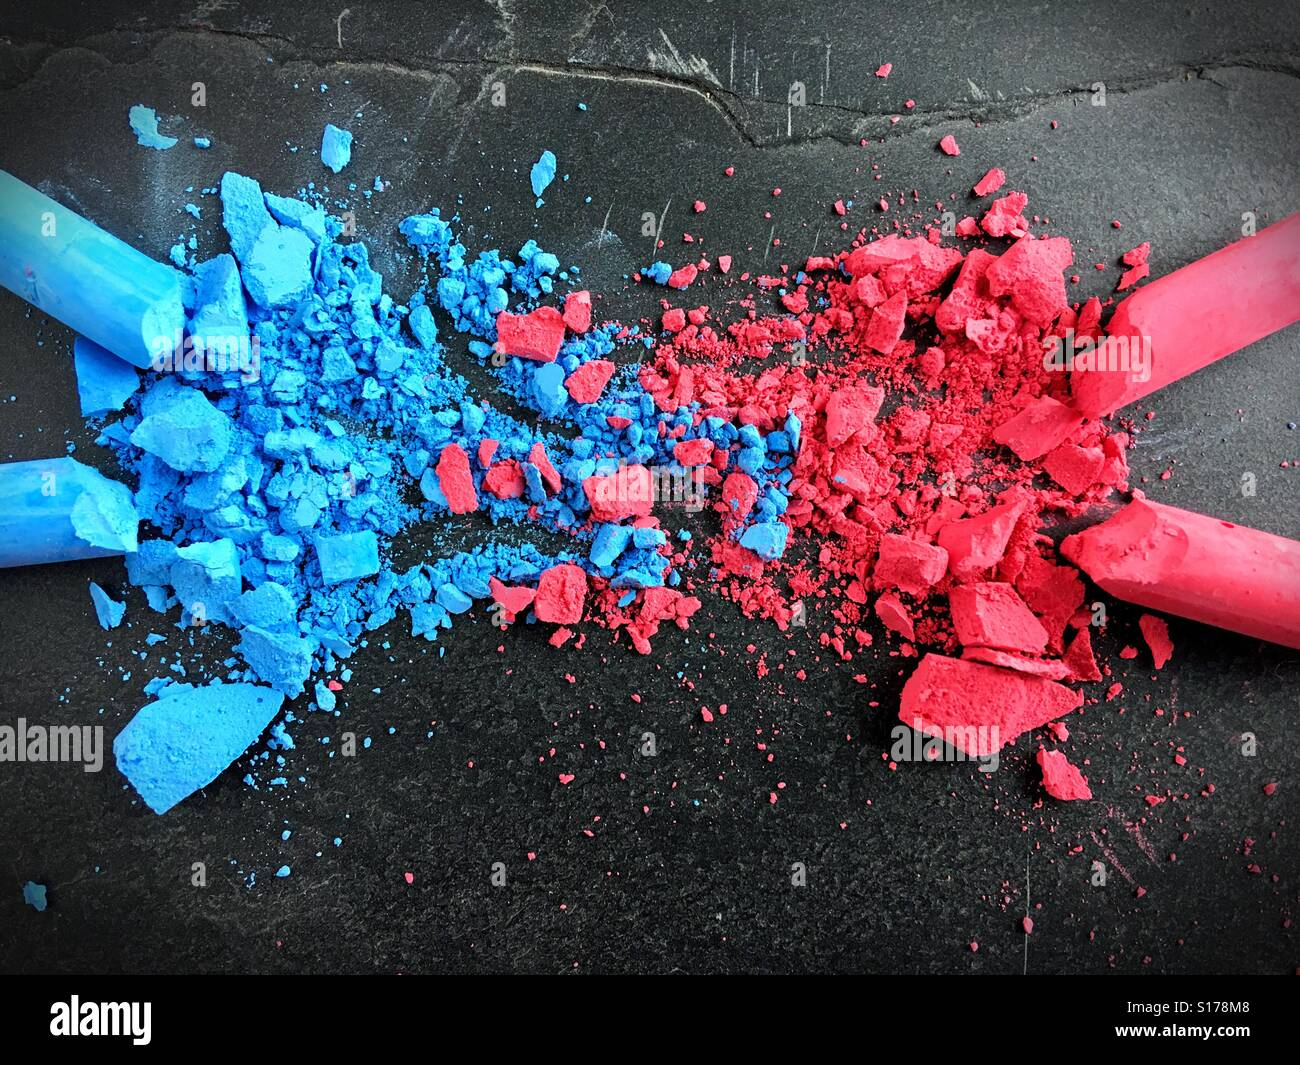 Una mezcla de polvo de tiza de color rosa y azul. Imagen De Stock